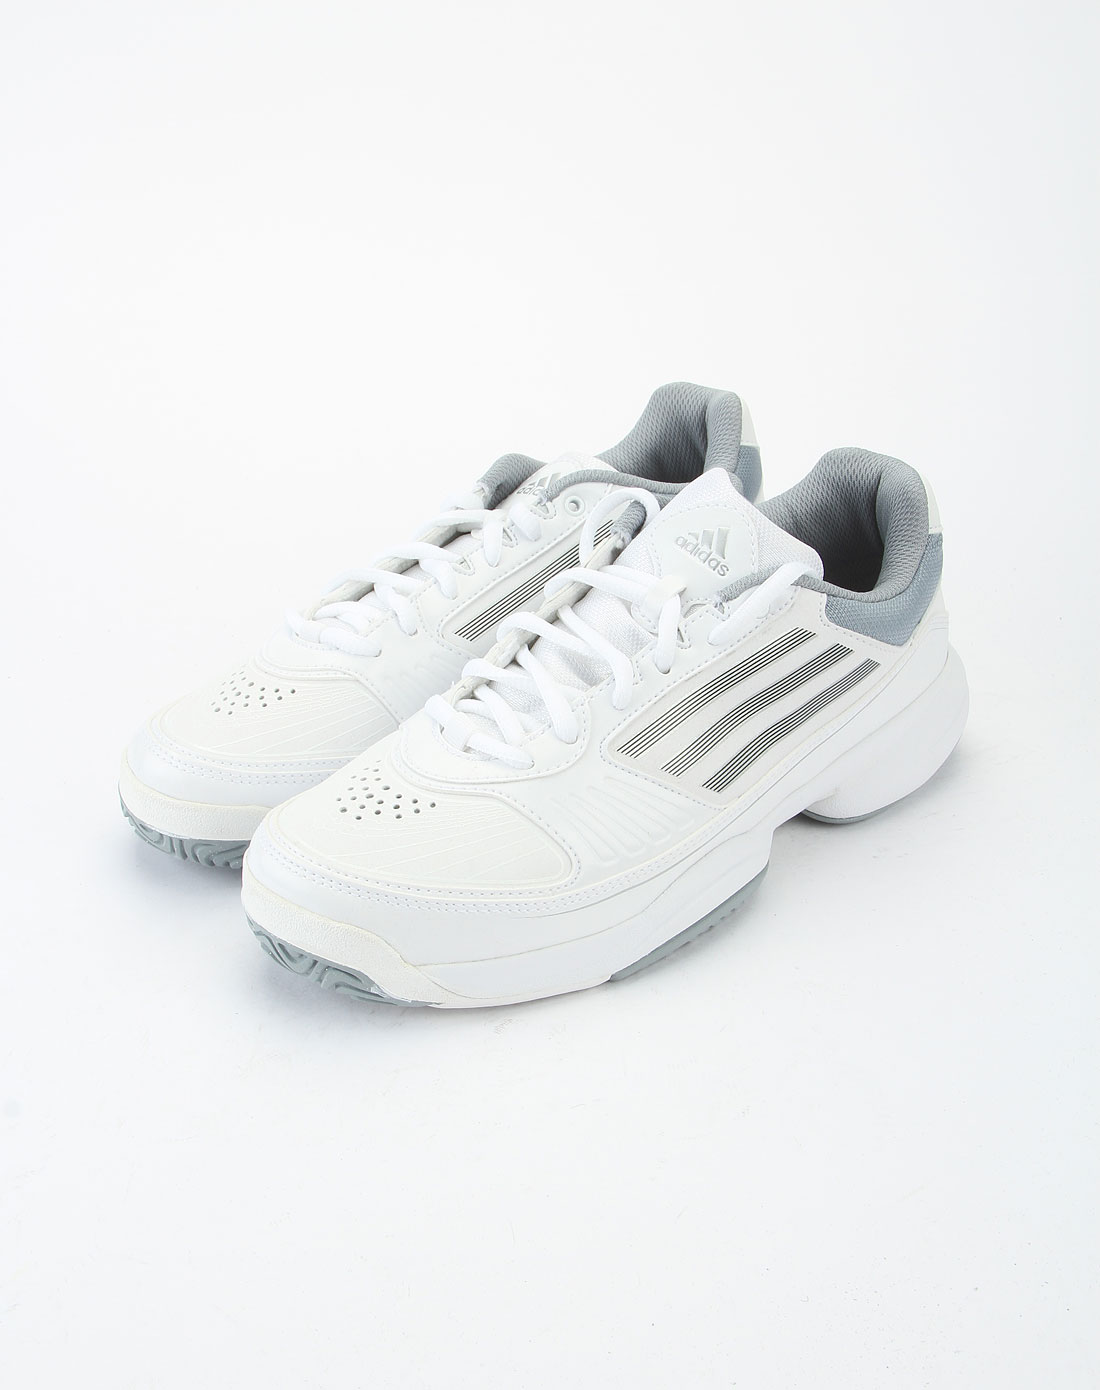 阿迪达斯adidas银白色时尚网球鞋u42929